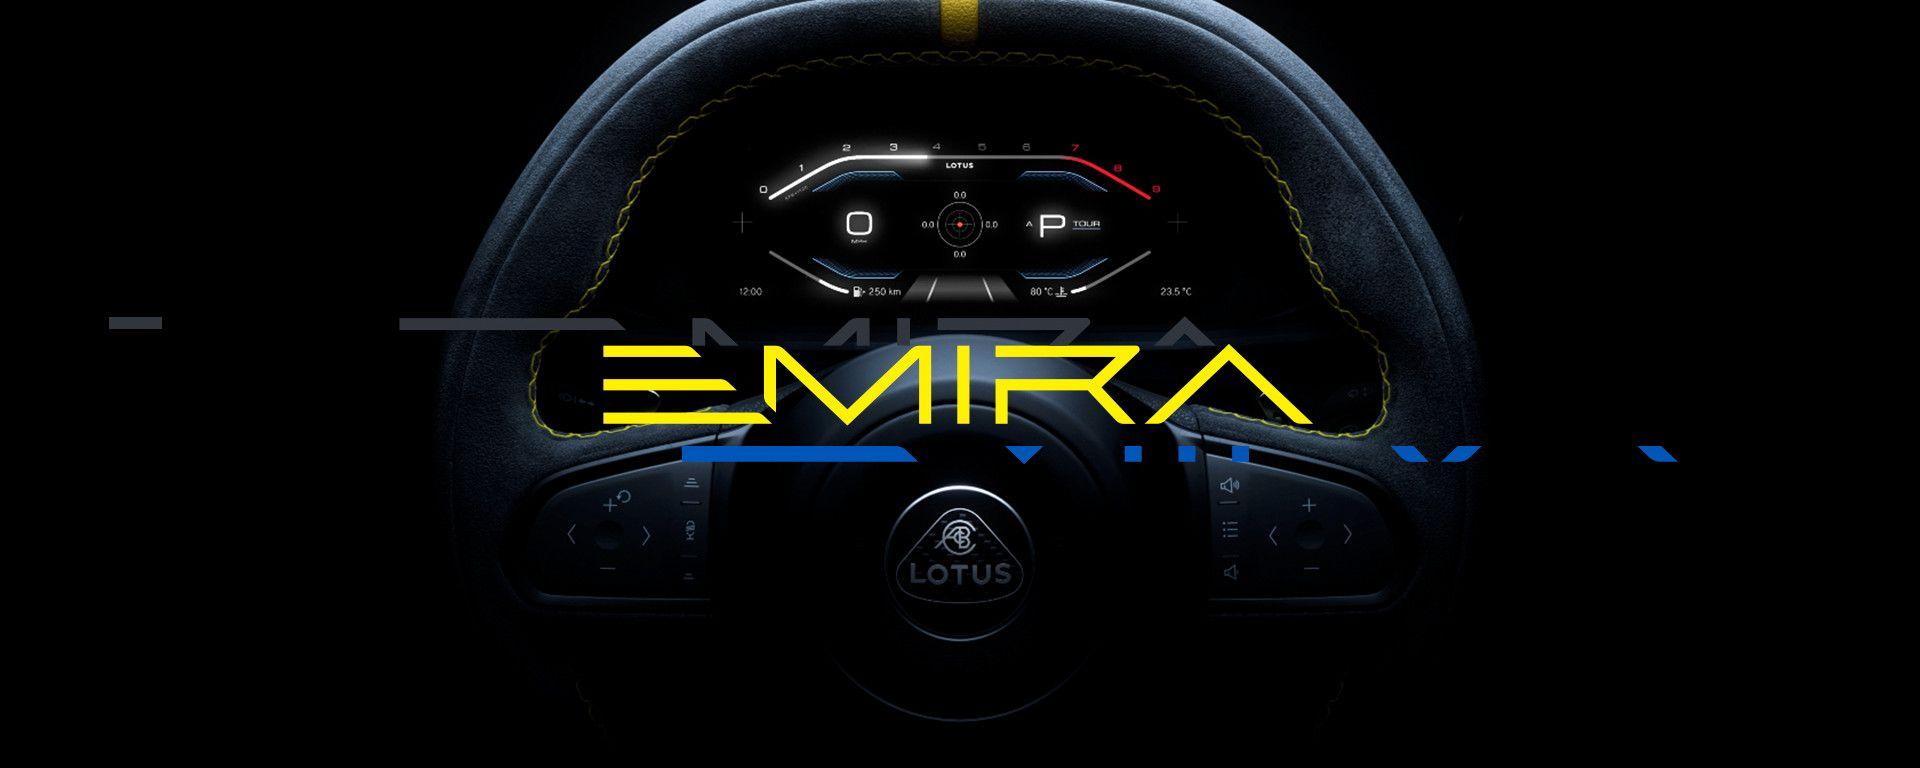 Lotus Emira, giunge il grande giorno della world premiere